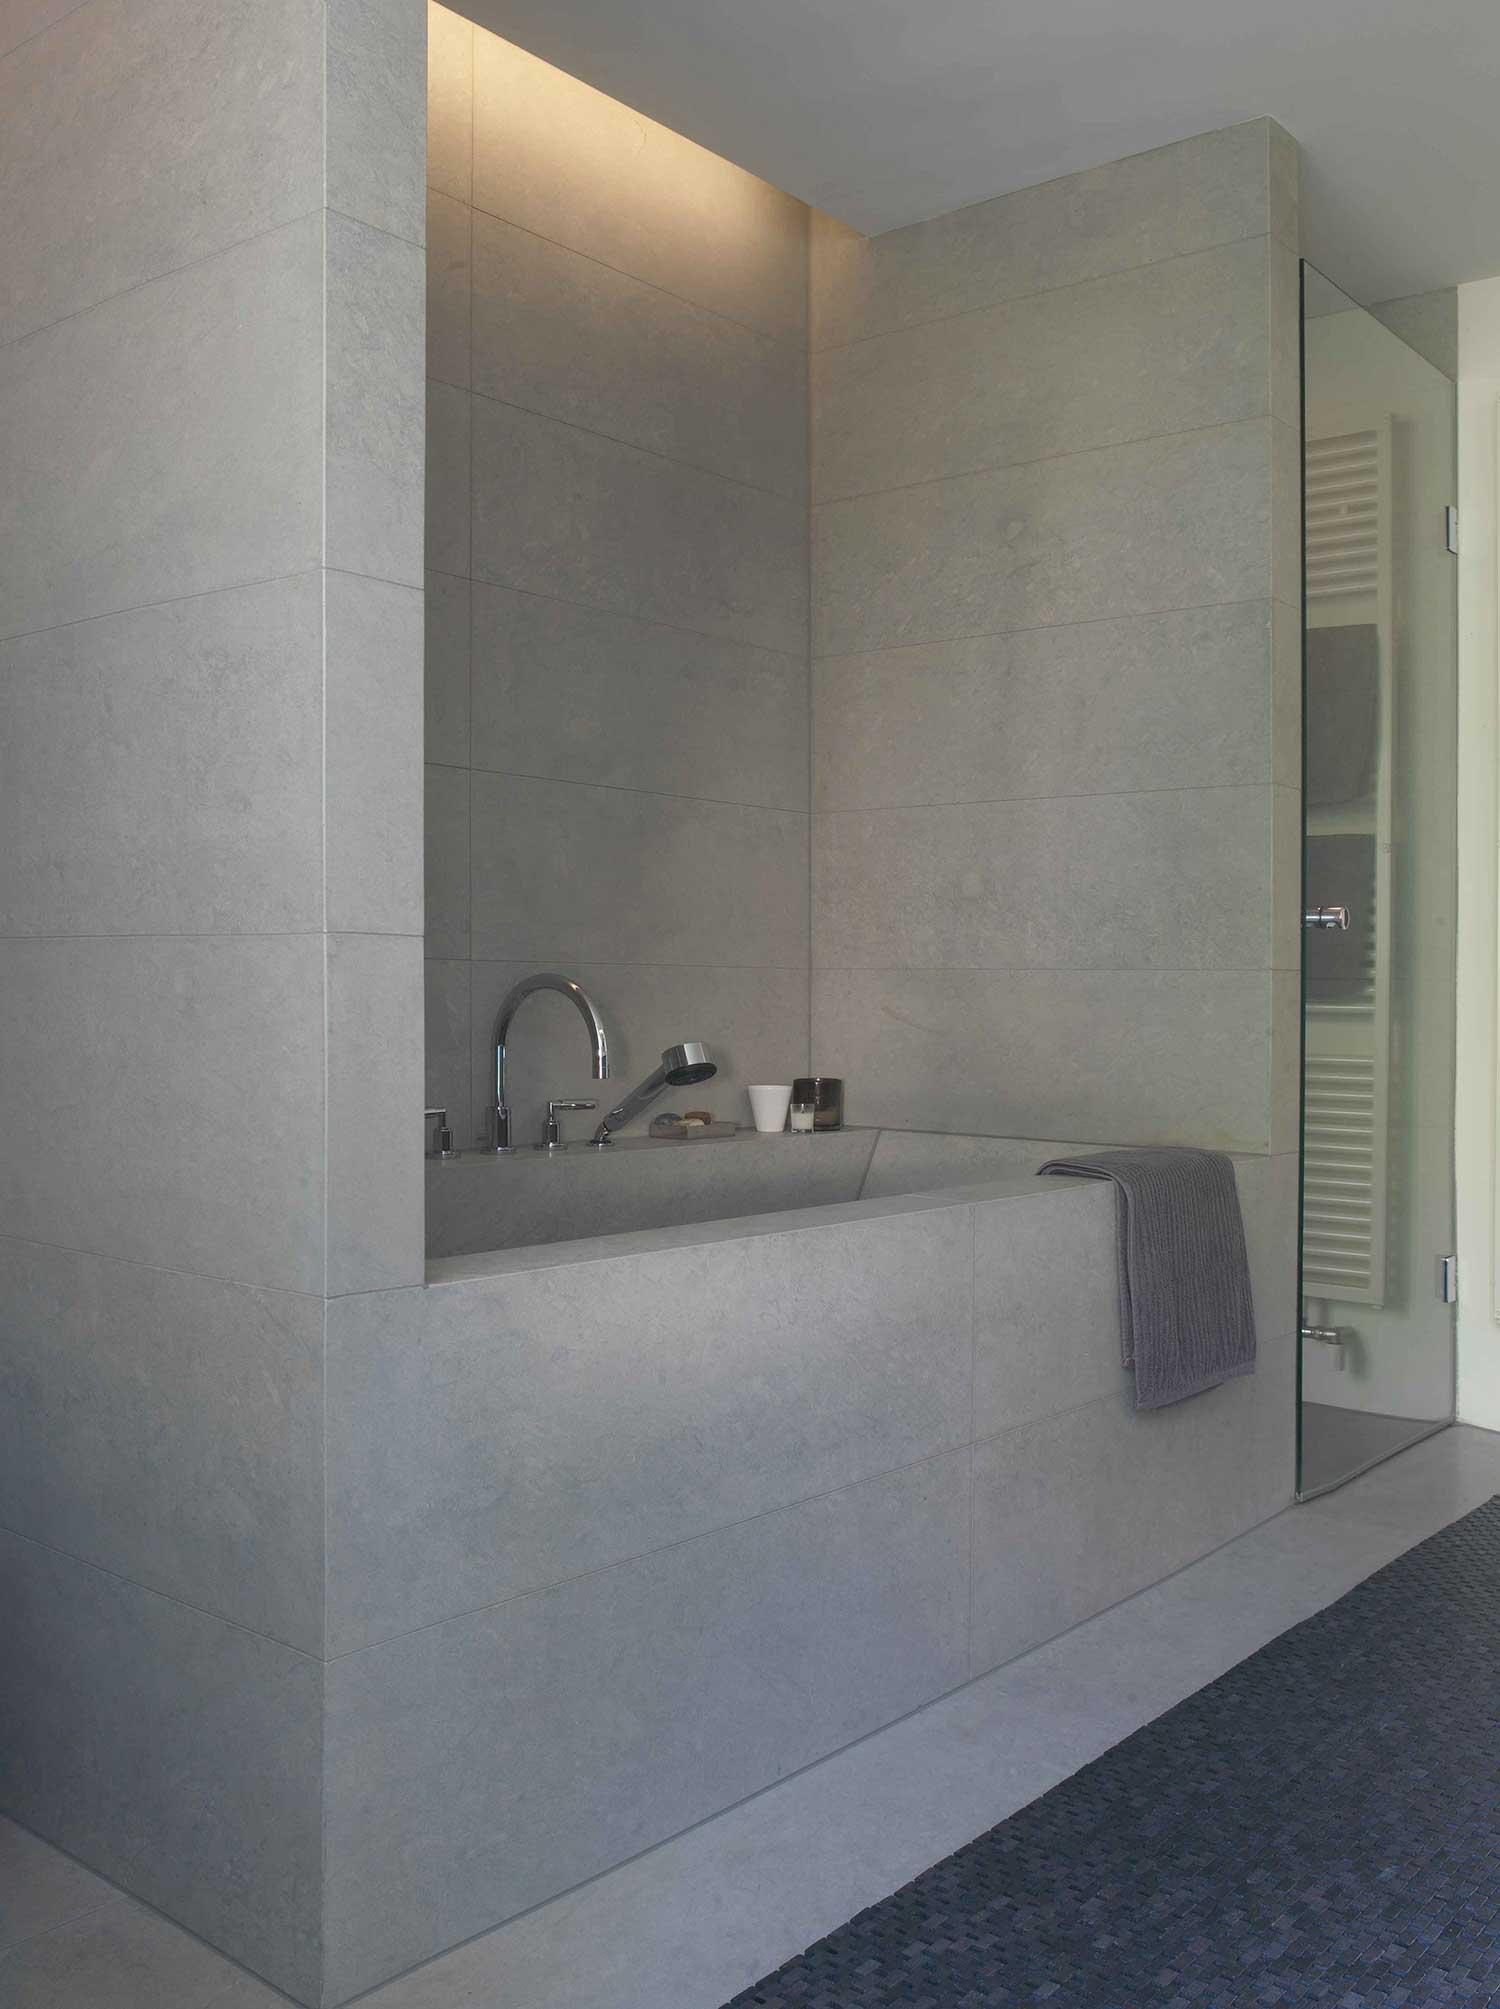 014-iria-degen-interiors-apartment-zurich3.jpg